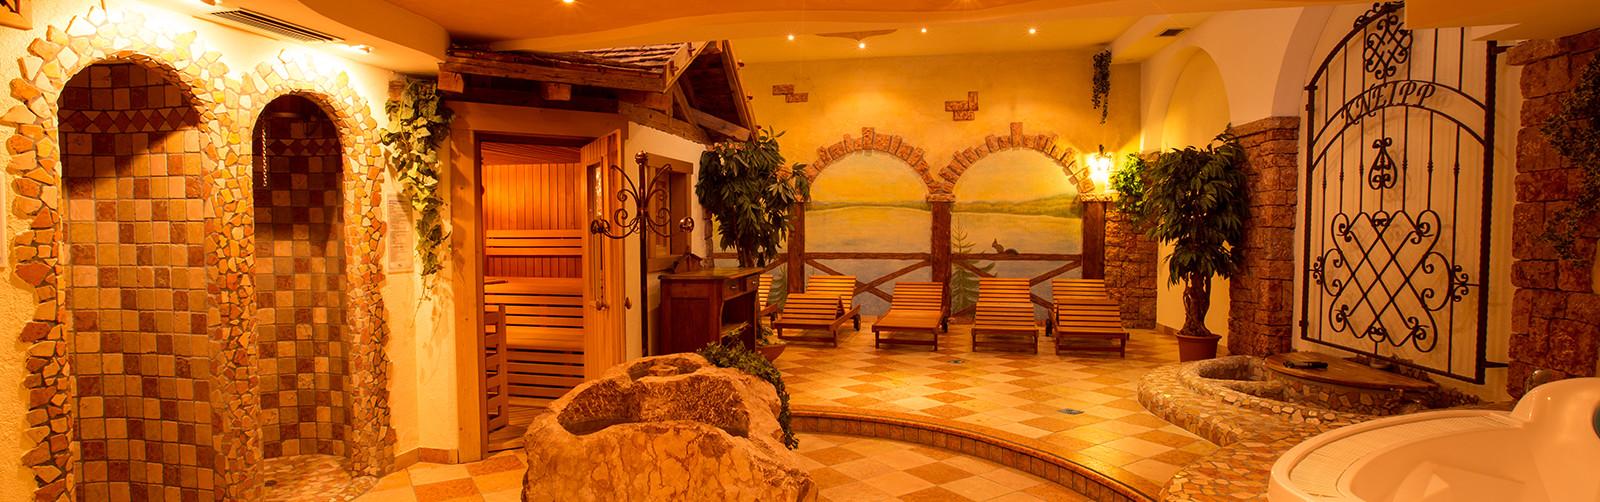 Hotel ad andalo con spa hotel gruppo brenta - Hotel andalo con centro benessere e piscina ...